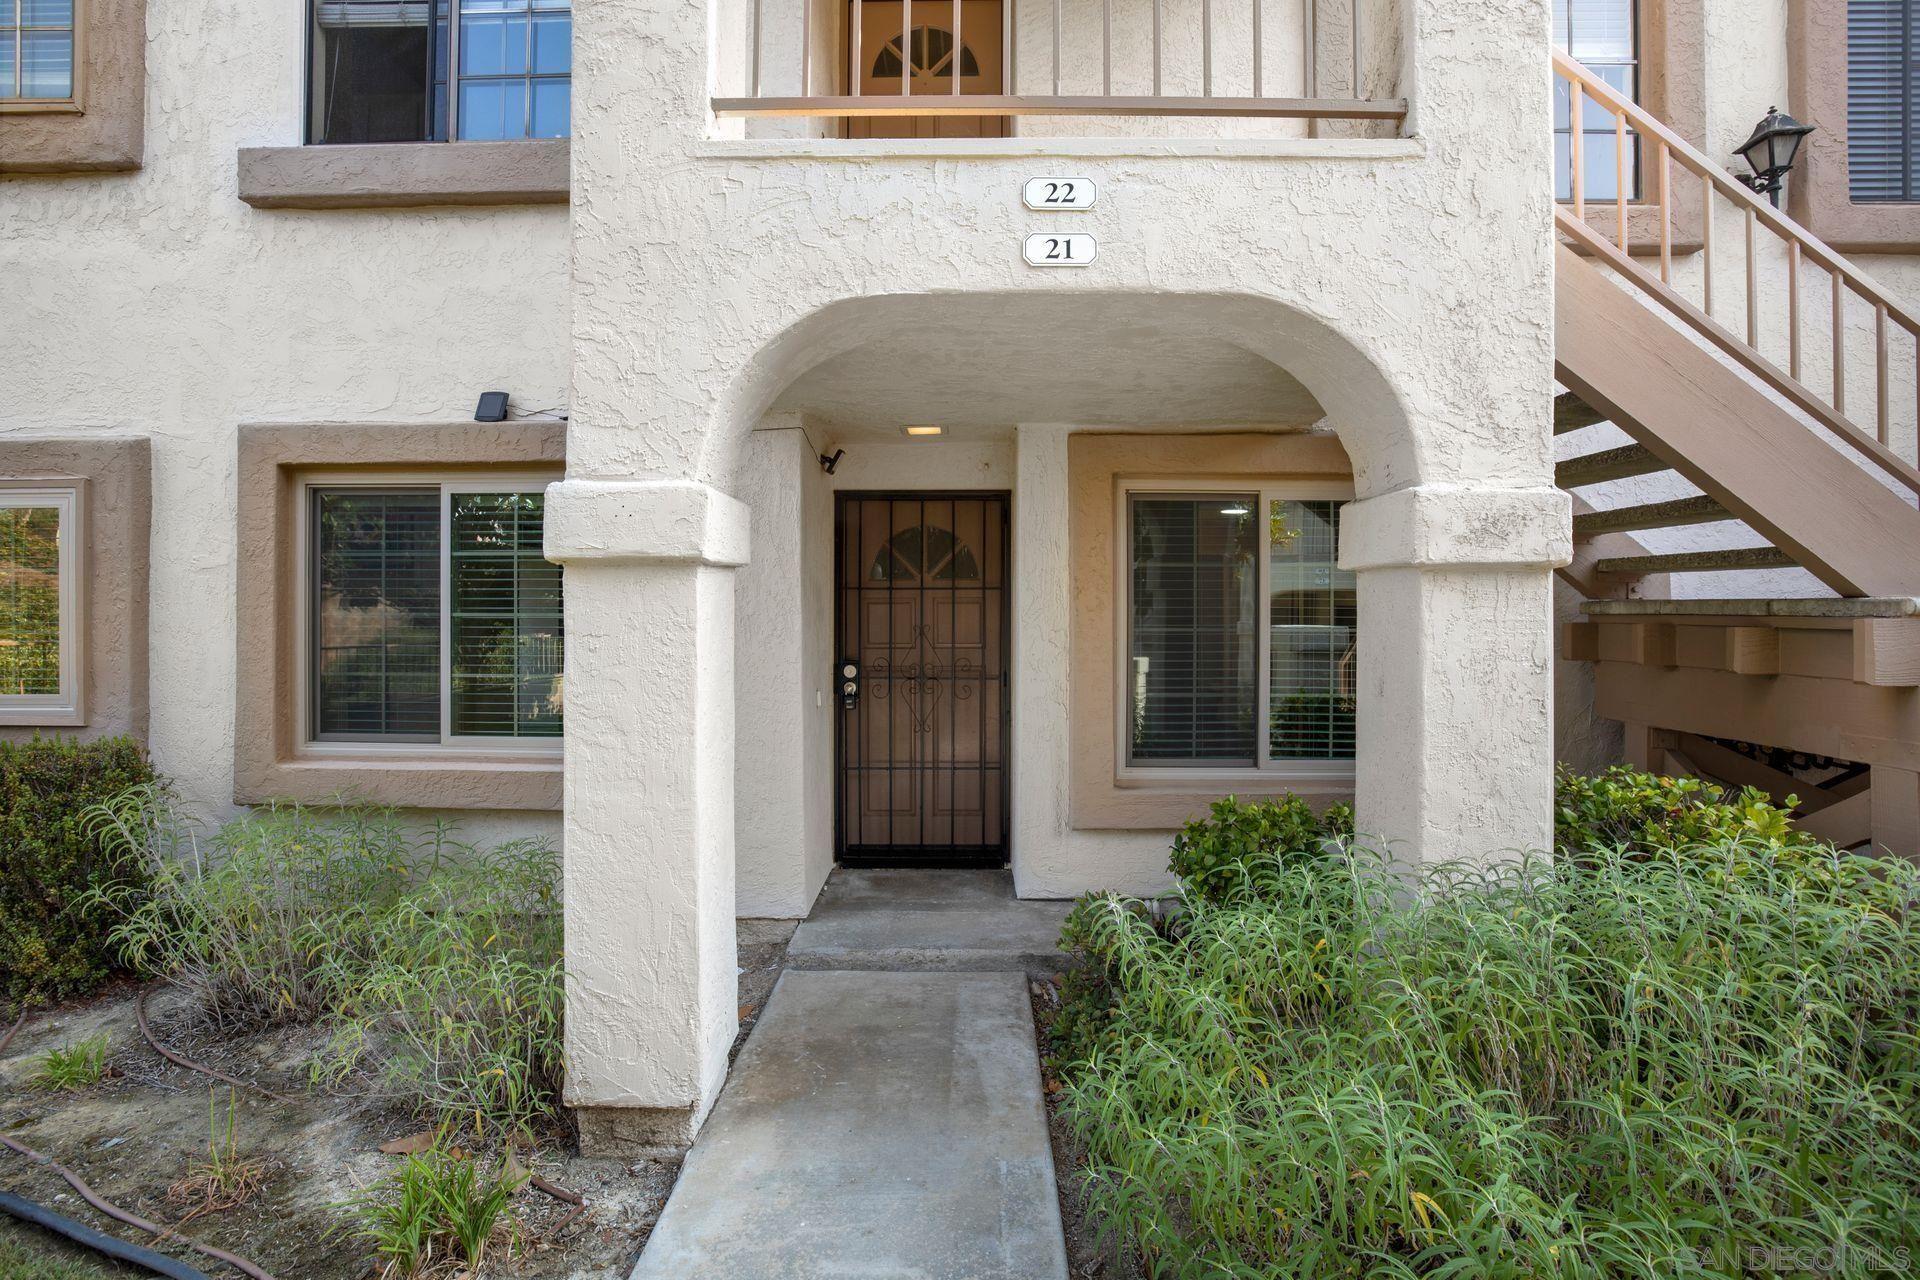 13034 Wimberly Sq #21, San Diego, CA 92128 - MLS#: 210023547